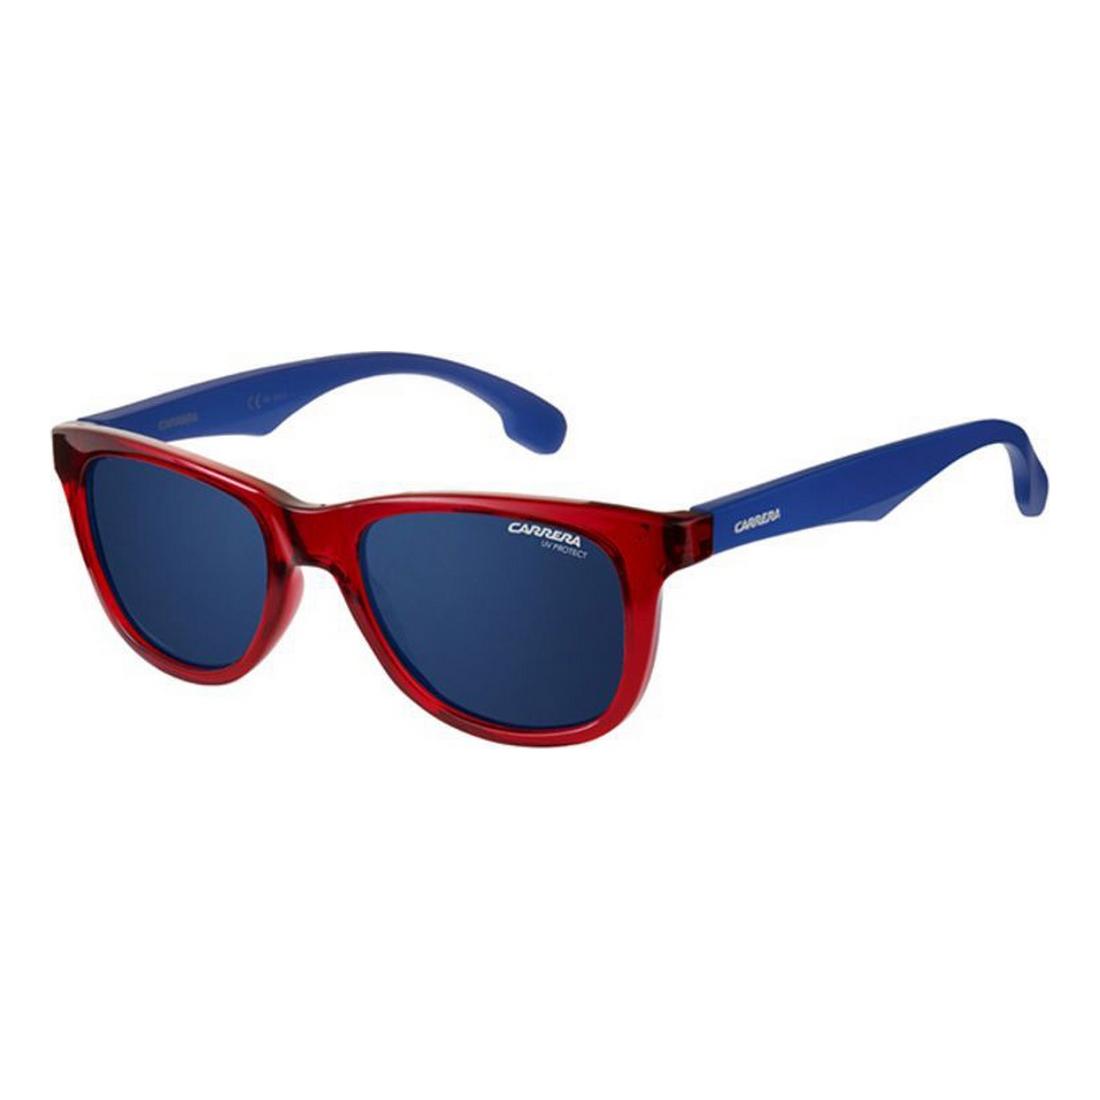 Child Sunglasses Carrera 20-WIR46KU Blue (Ø 46 mm)